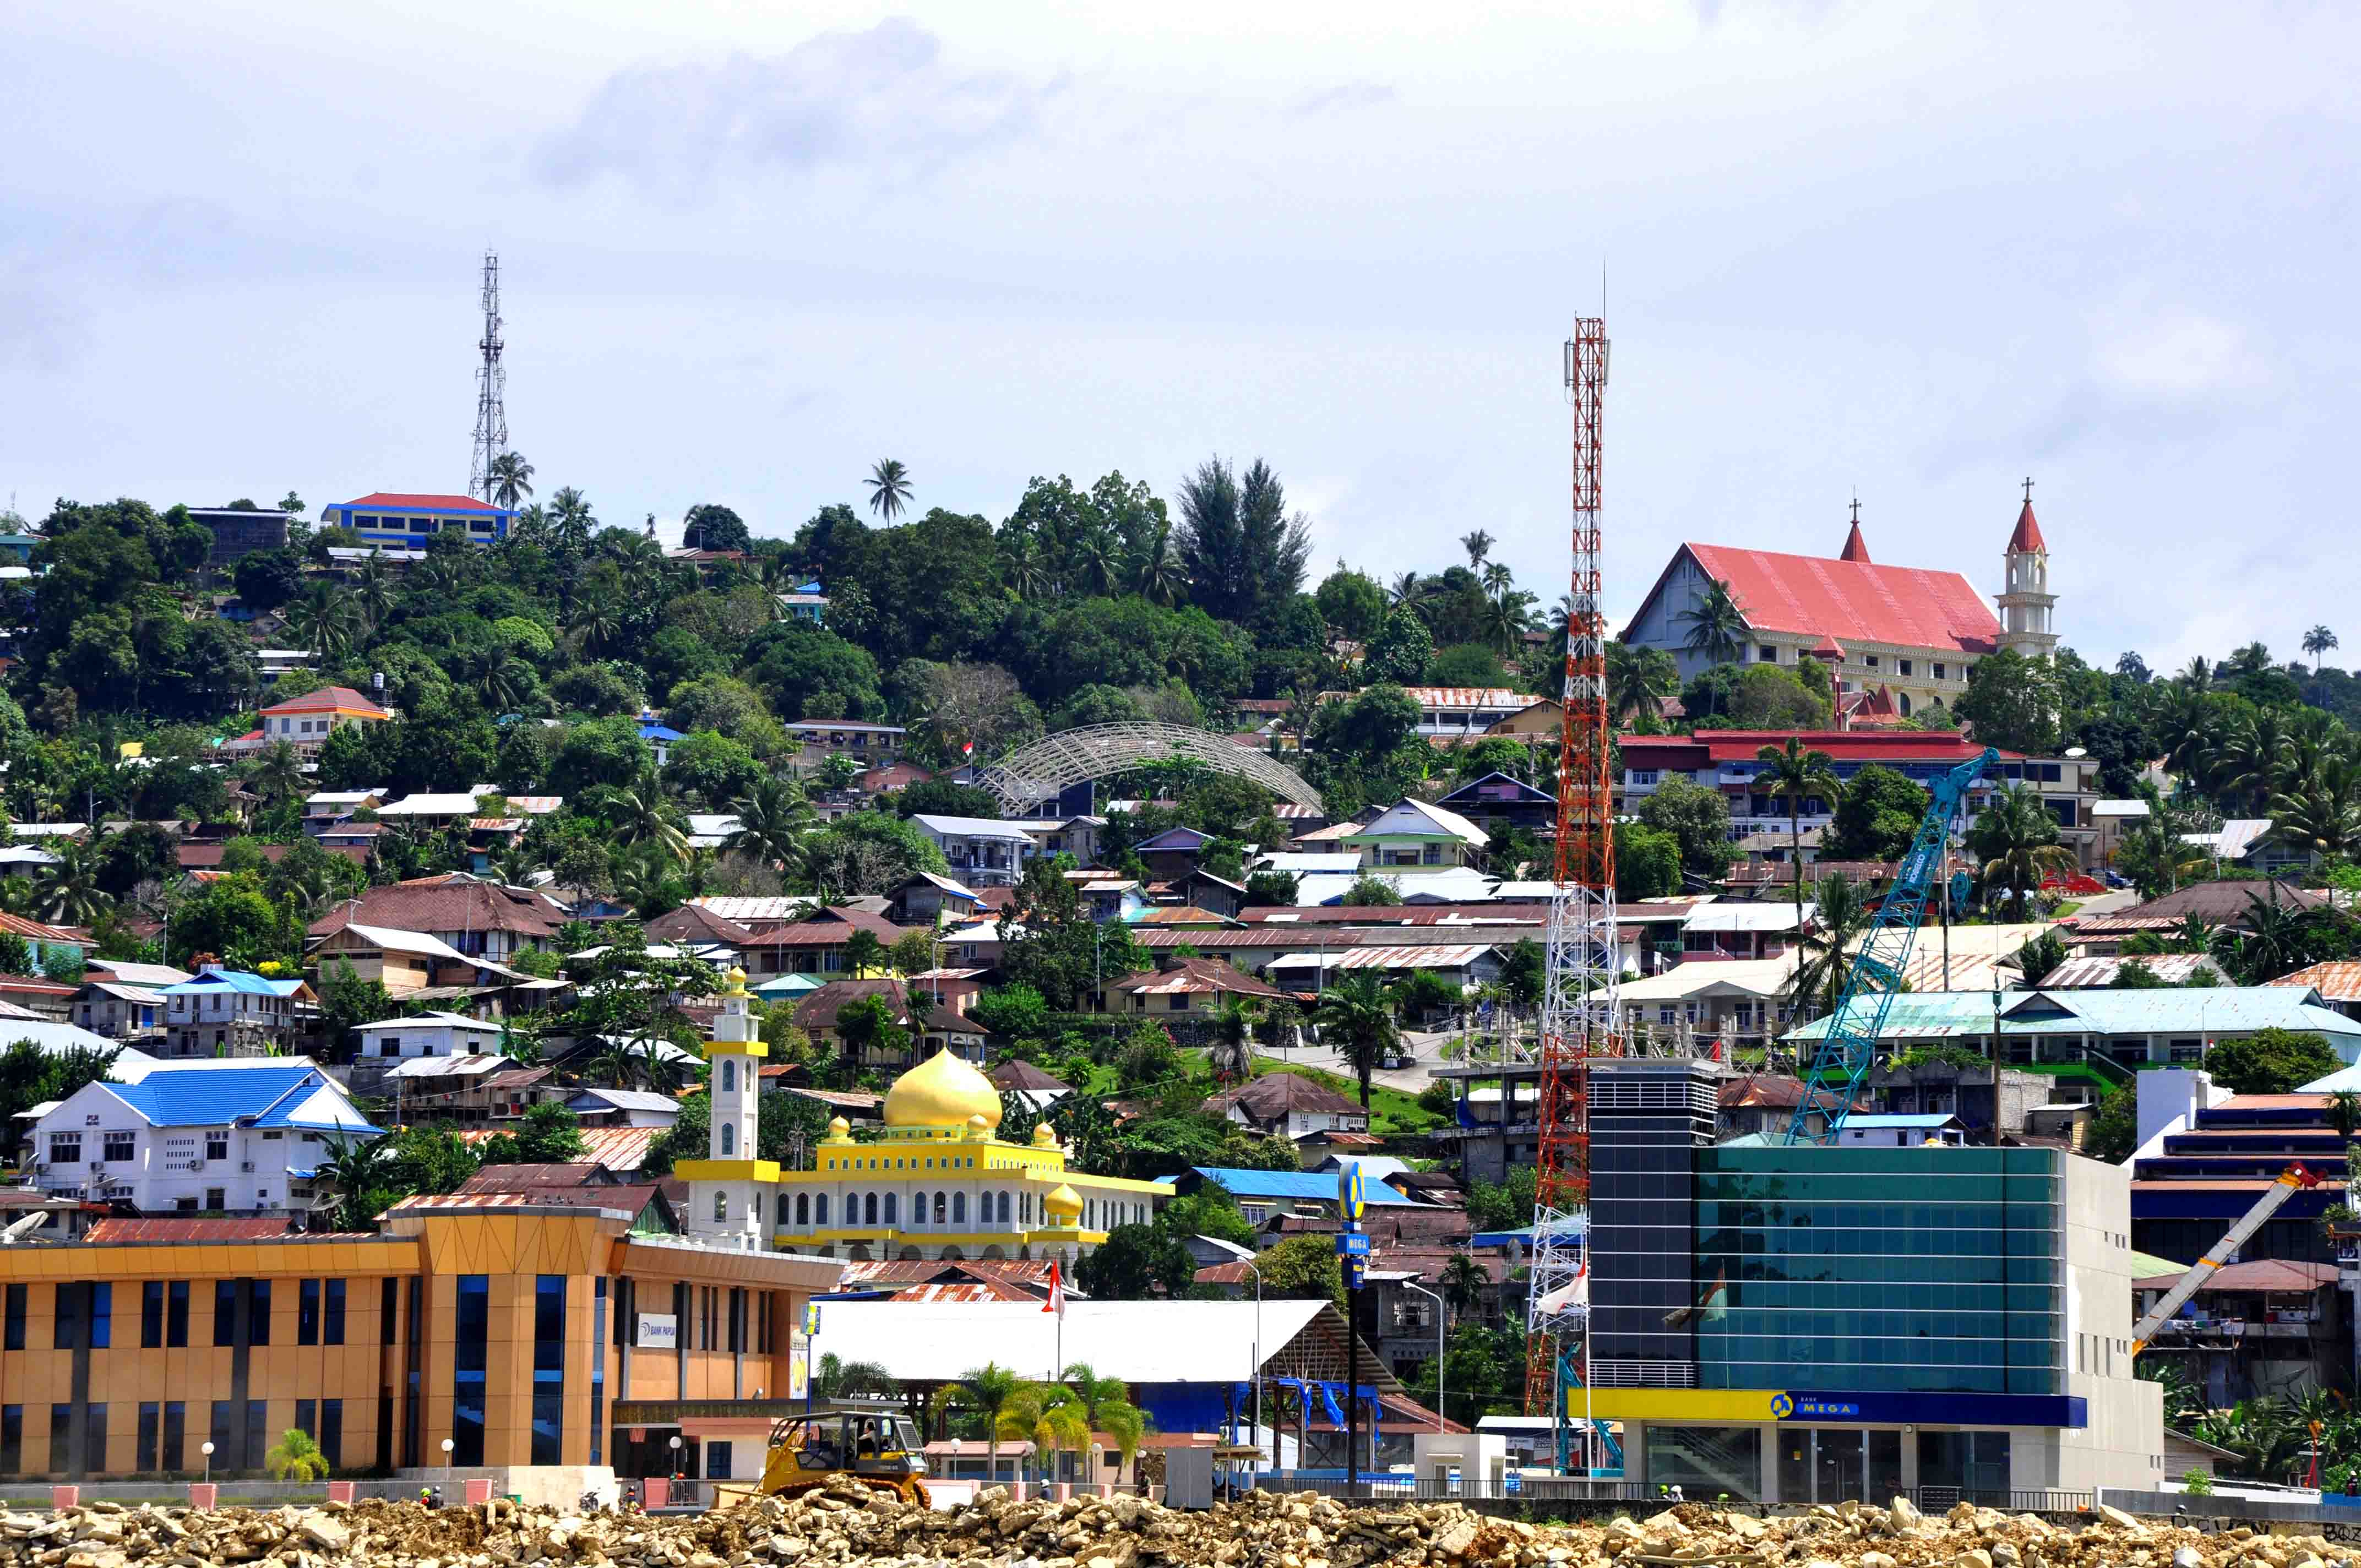 Perkantoran, toko, rumah penduduk, masjid, dan gereja tampak menghias Fakfak, Papua Barat